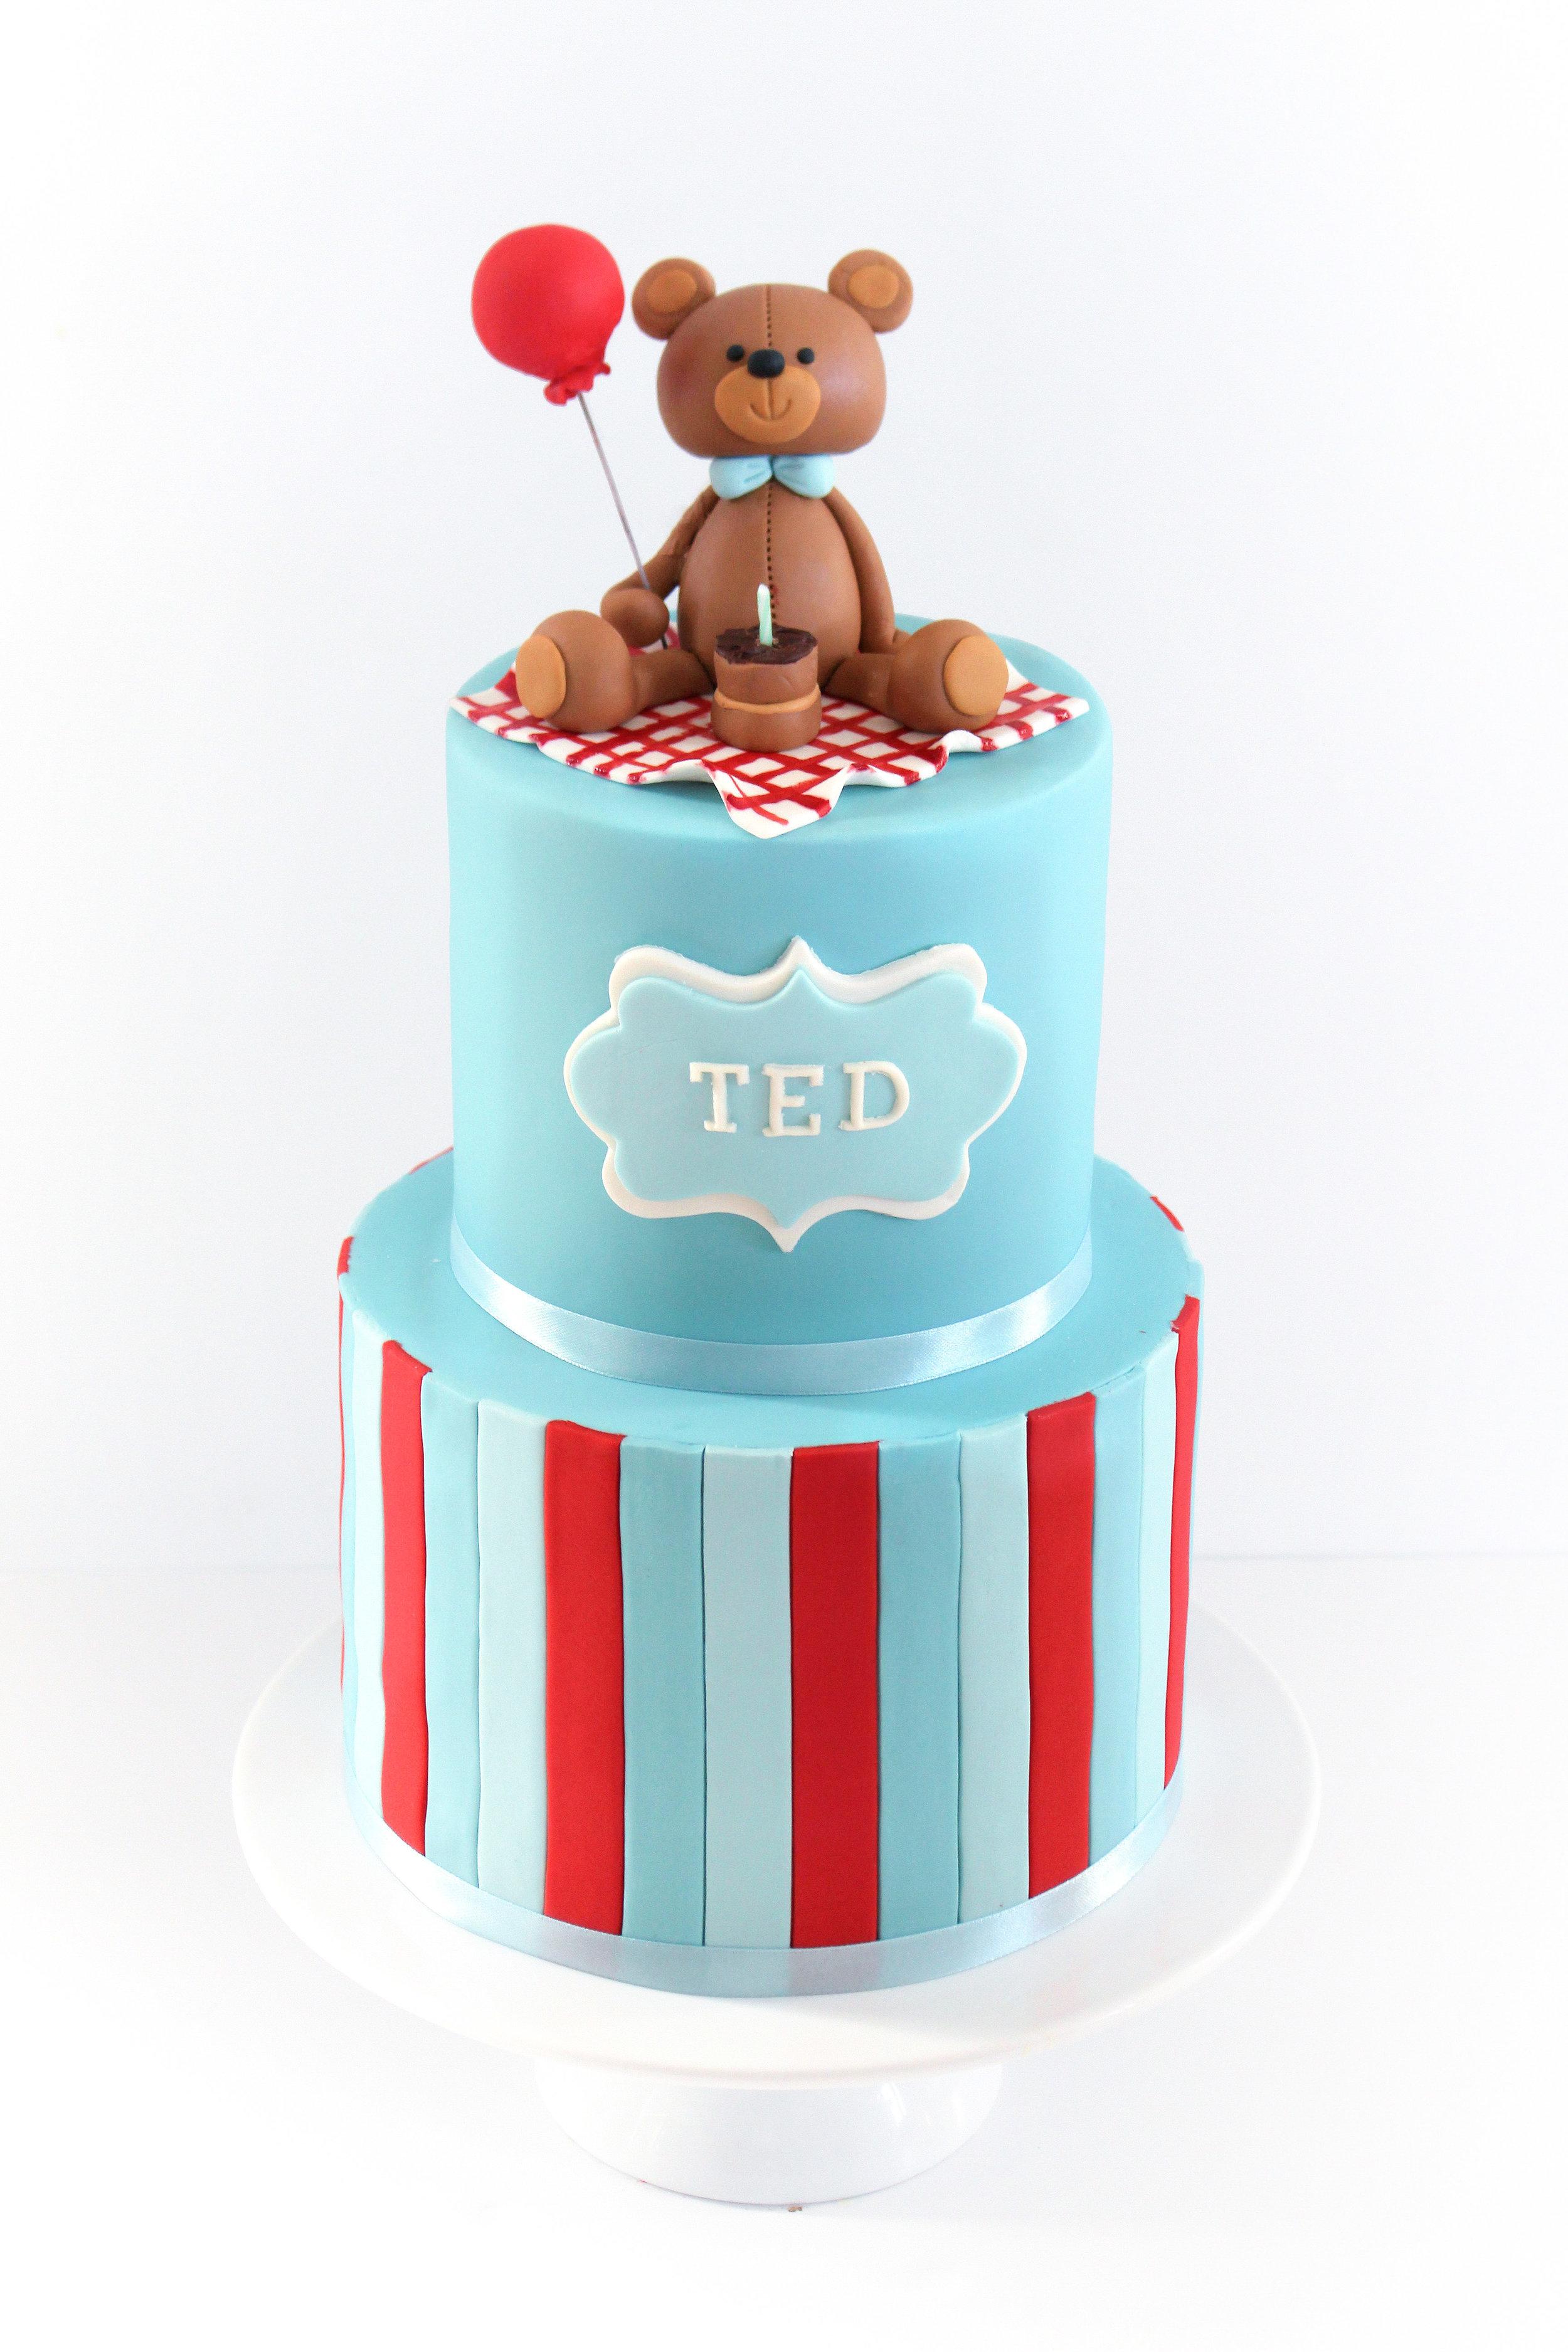 Ted'sCake.jpg